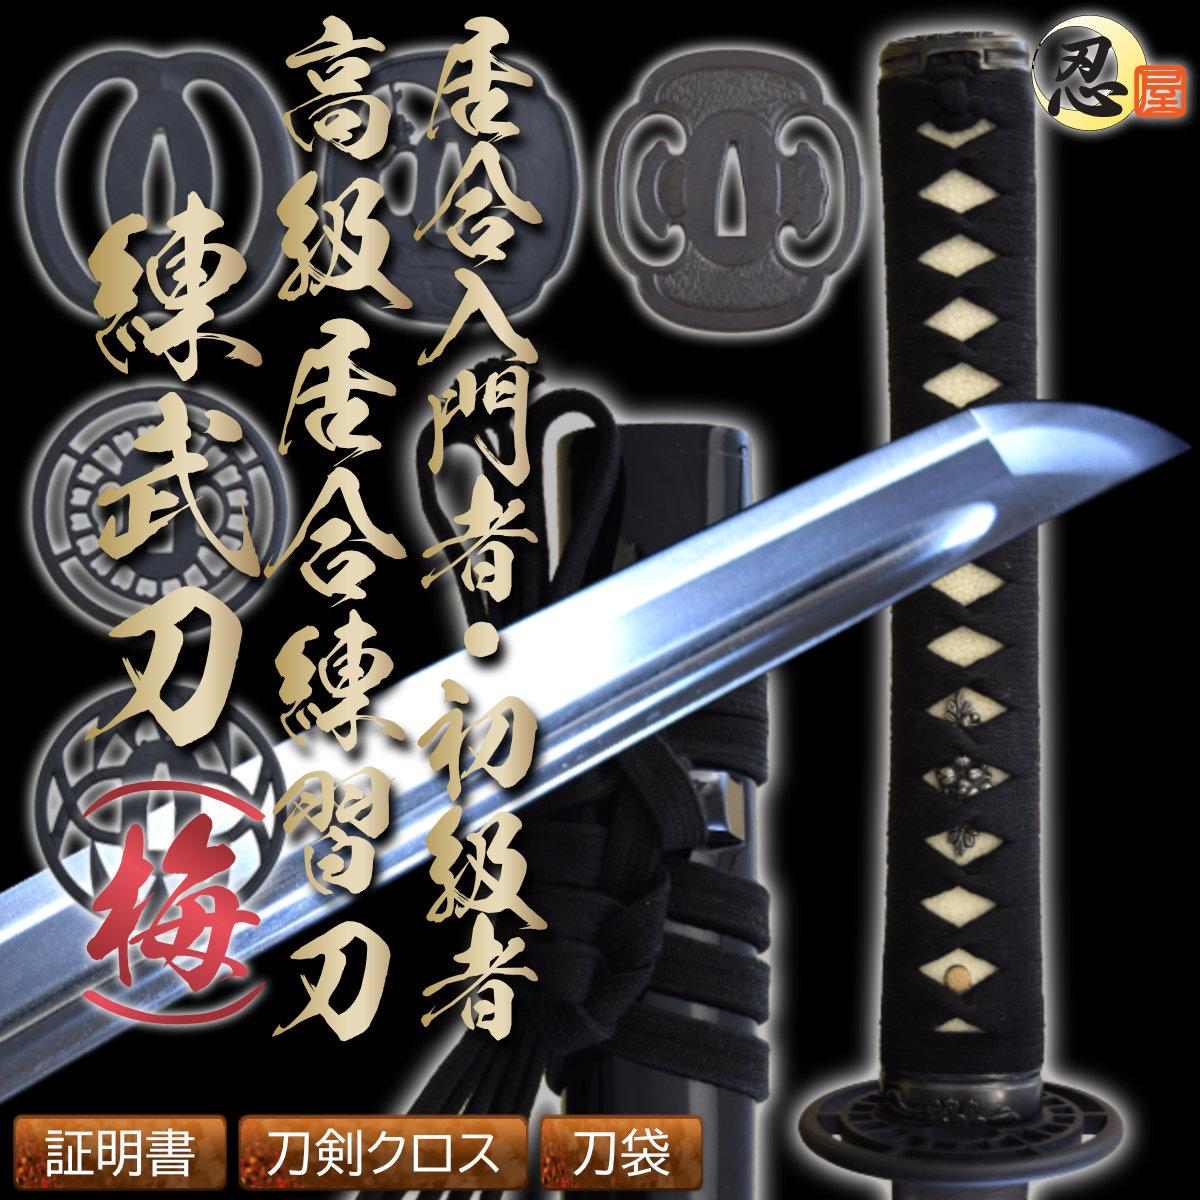 カスタム居合練習刀-高級居合練習刀 ~練武刀(梅)~(刀袋付き)